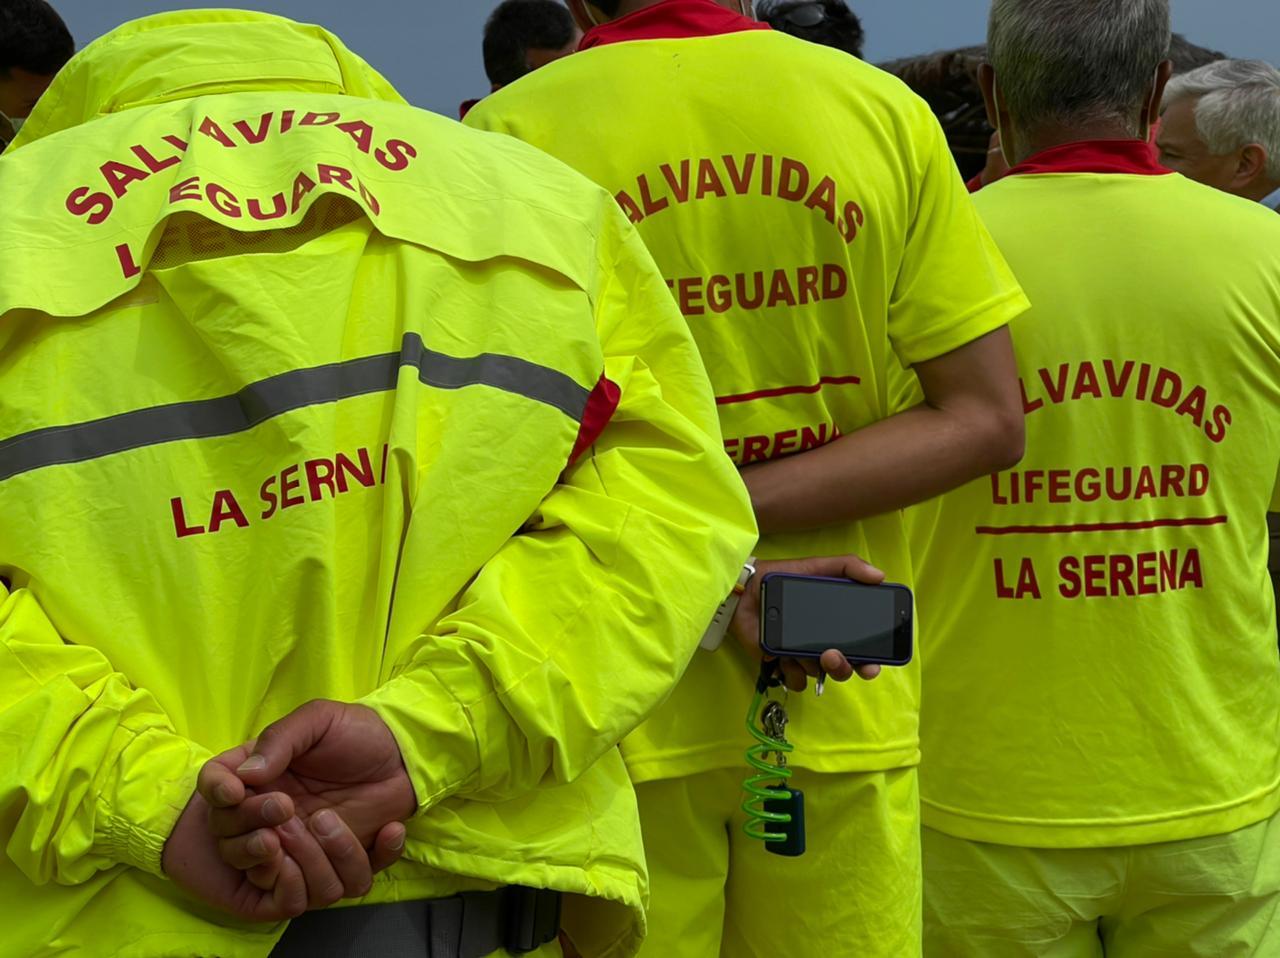 Salvavidas de La Serena mantienen paralización de actividades hasta que se resuelvan sus demandas laborales